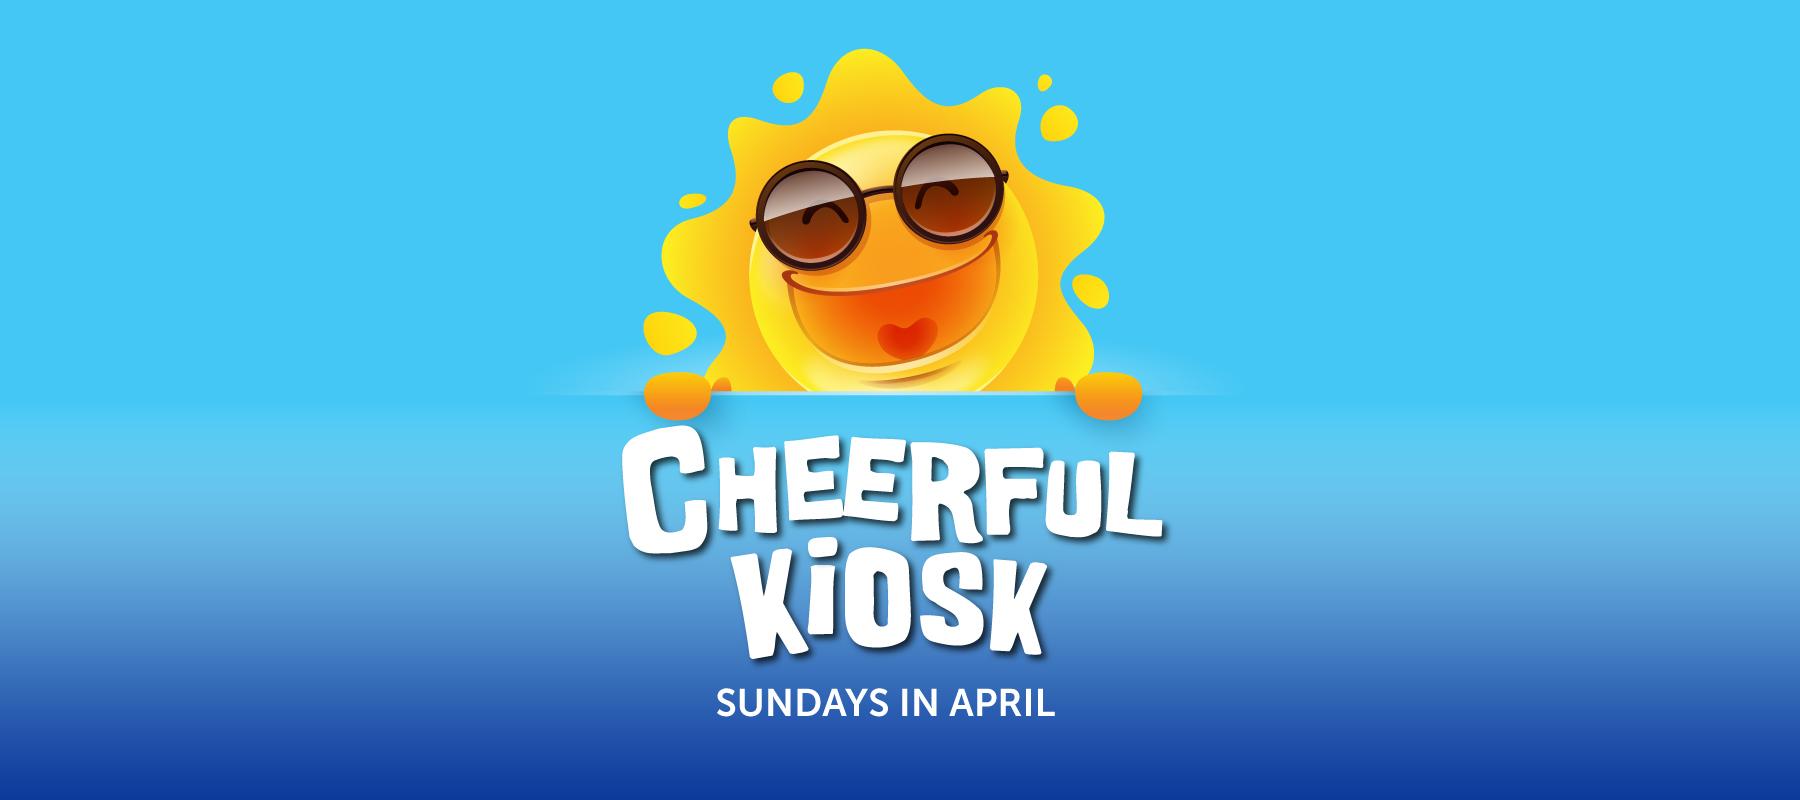 Cheerful Kiosk